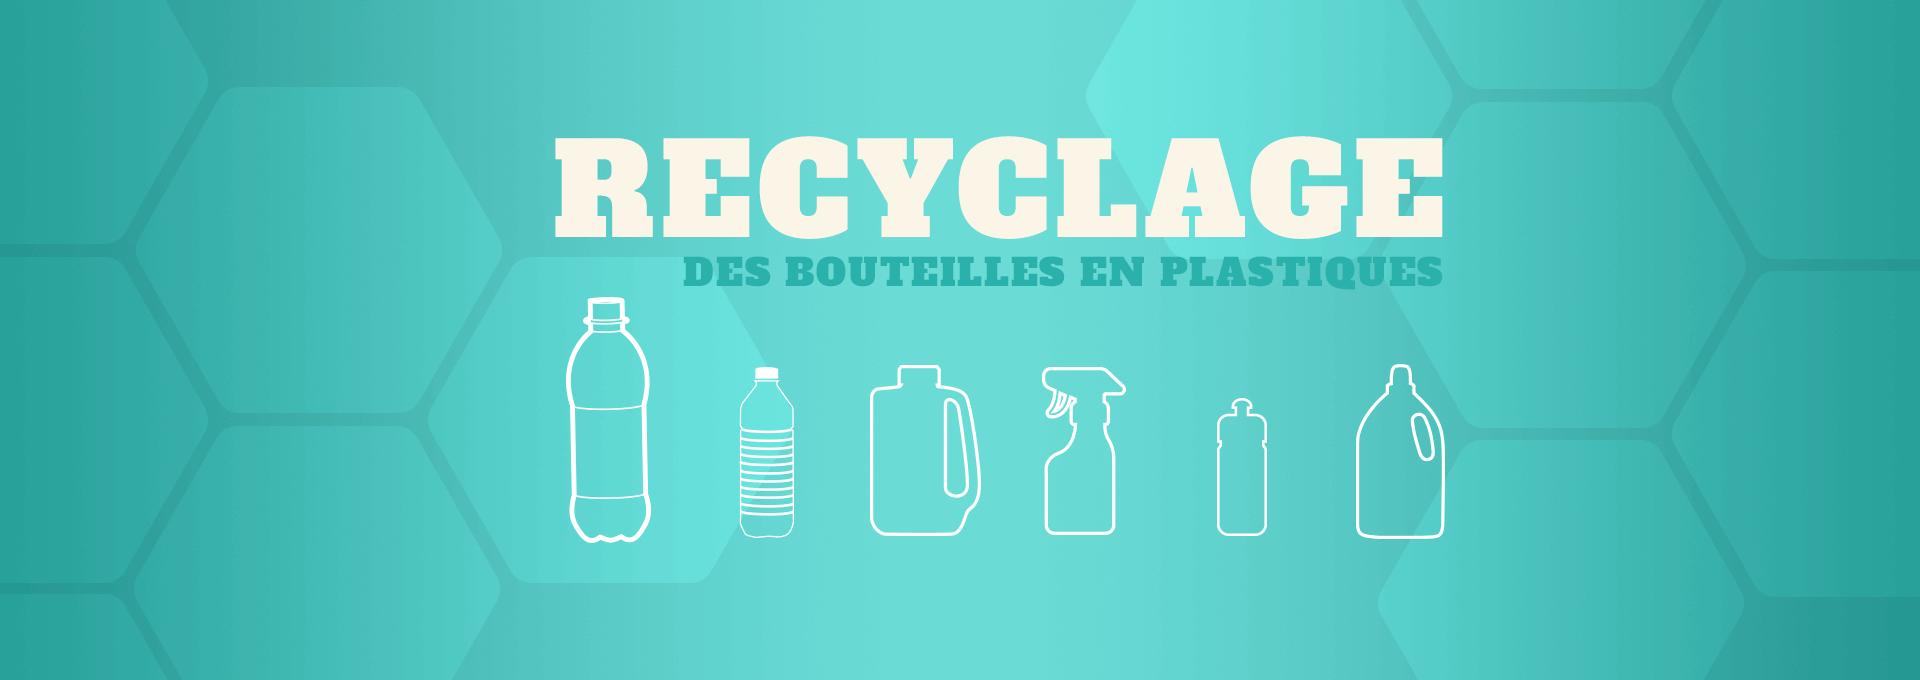 tri & déchets recyclage bouteilles plastiques